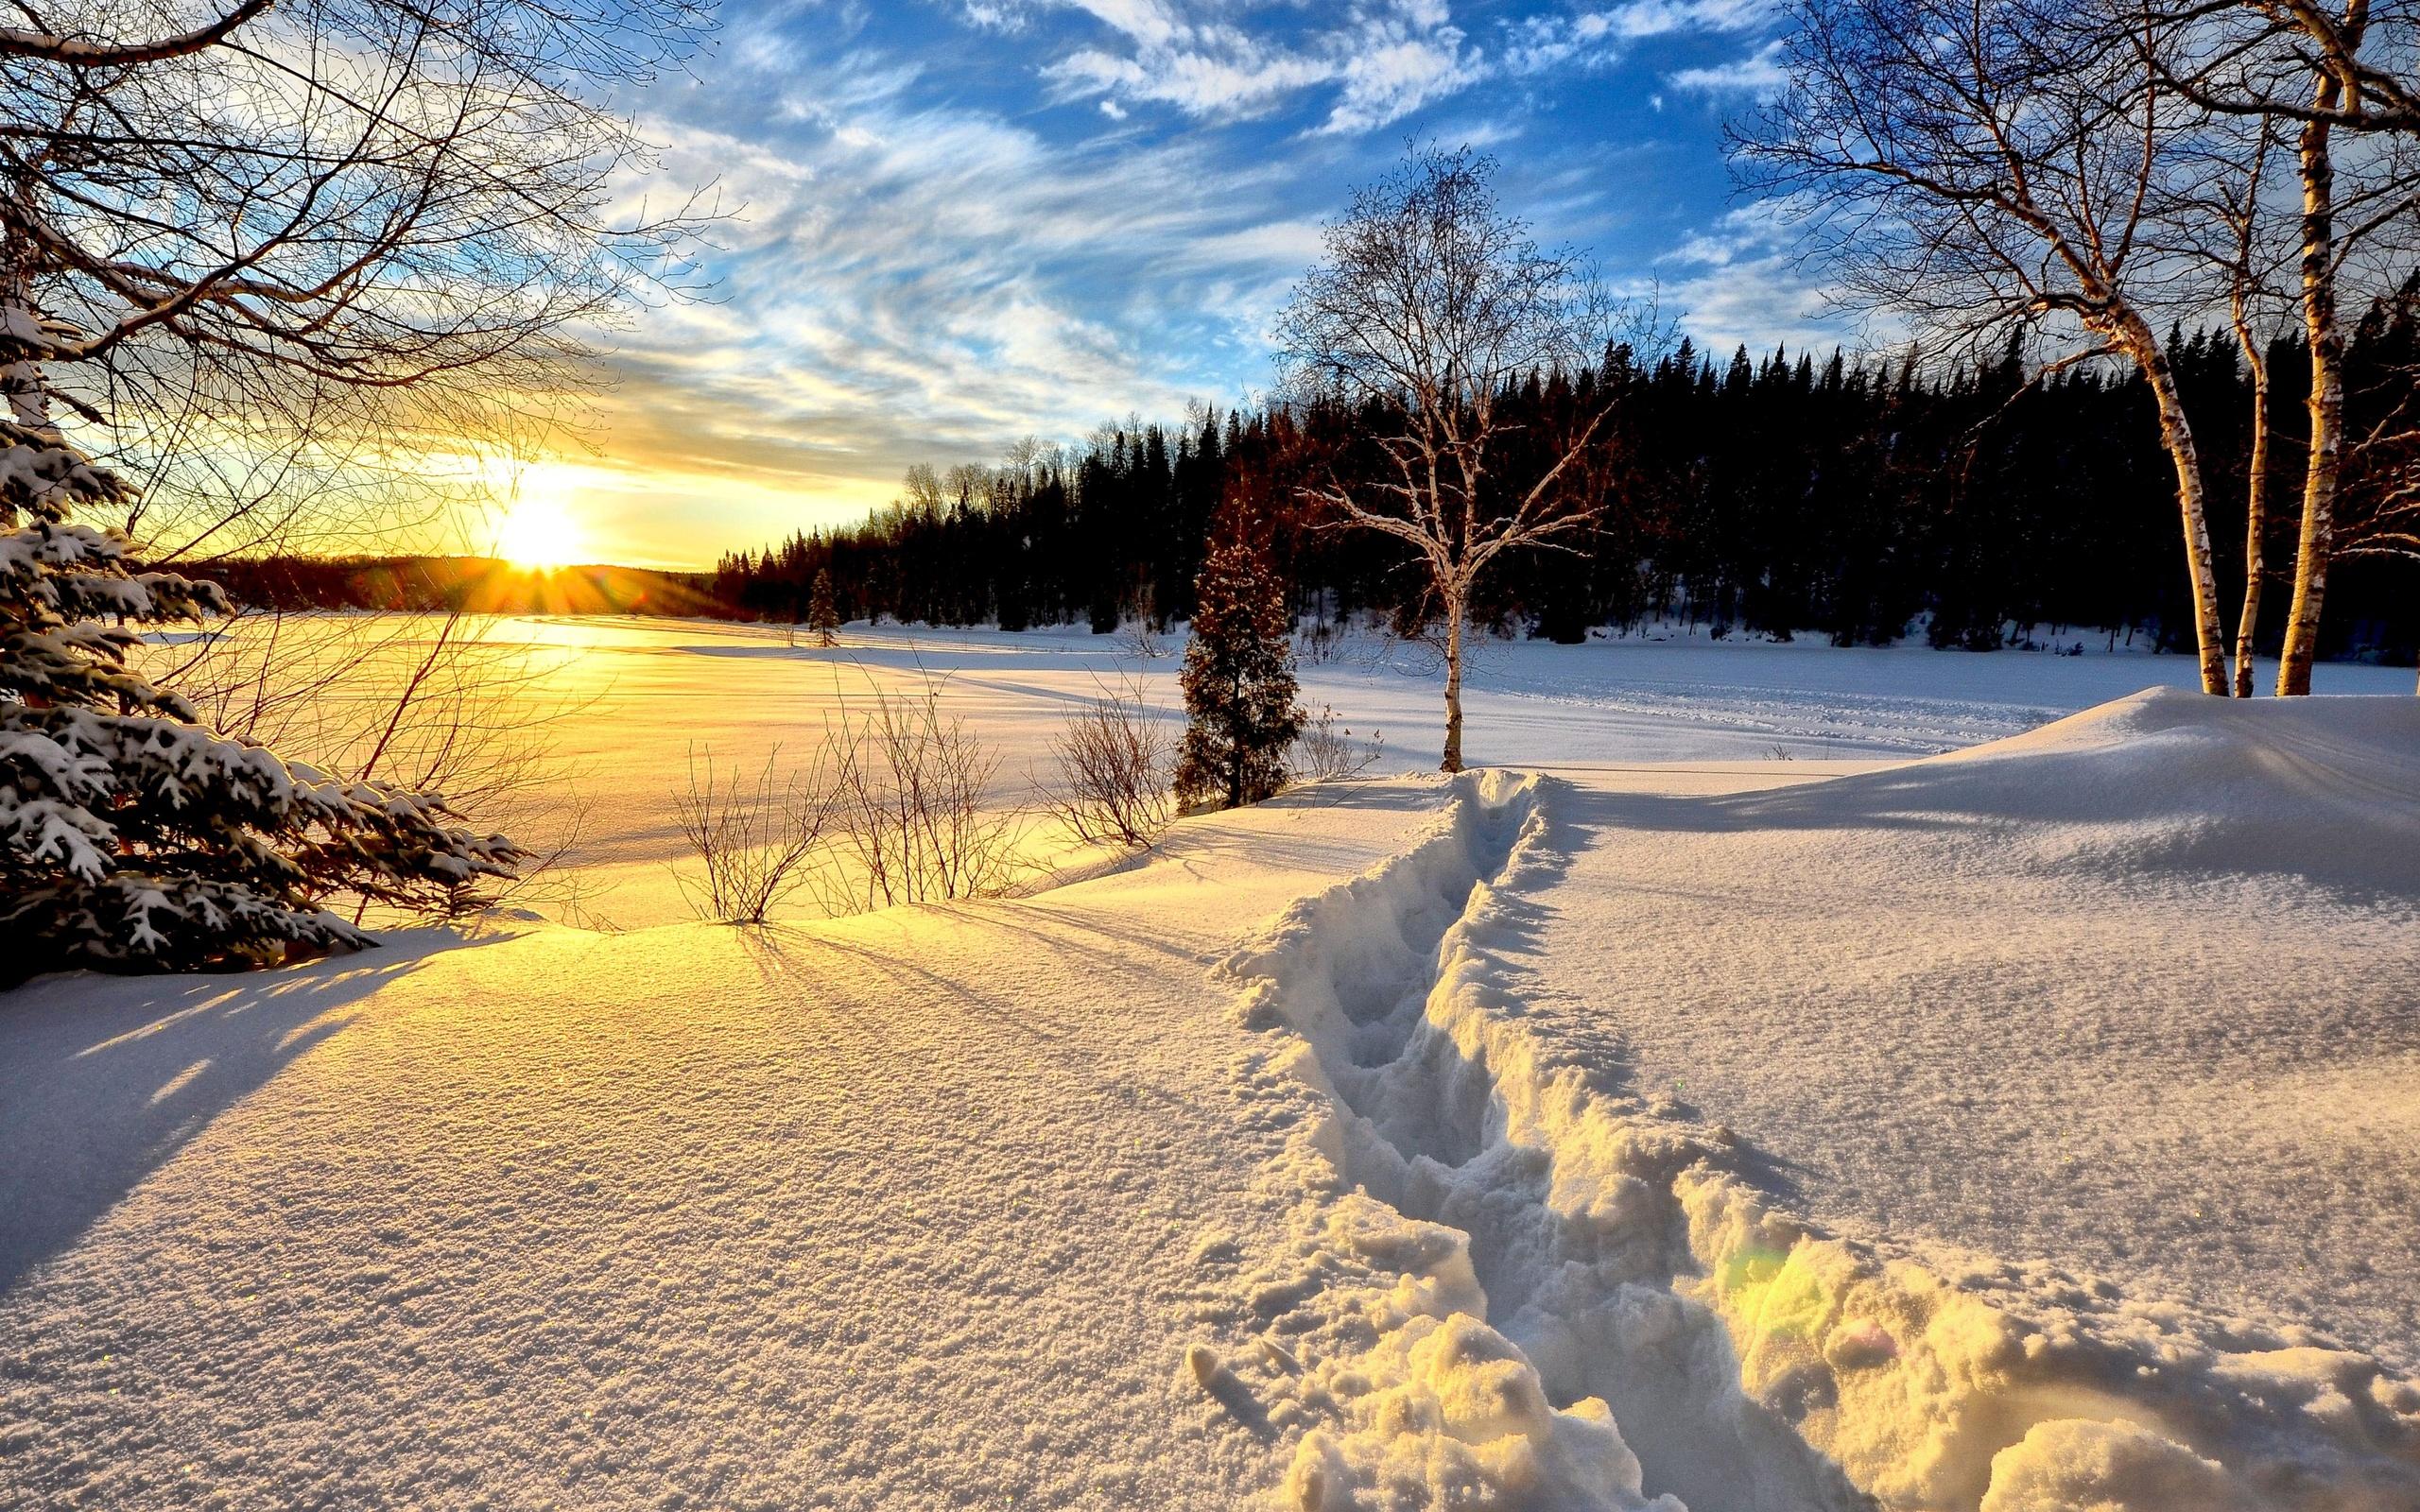 между красивые картинки солнца и снега можно смело